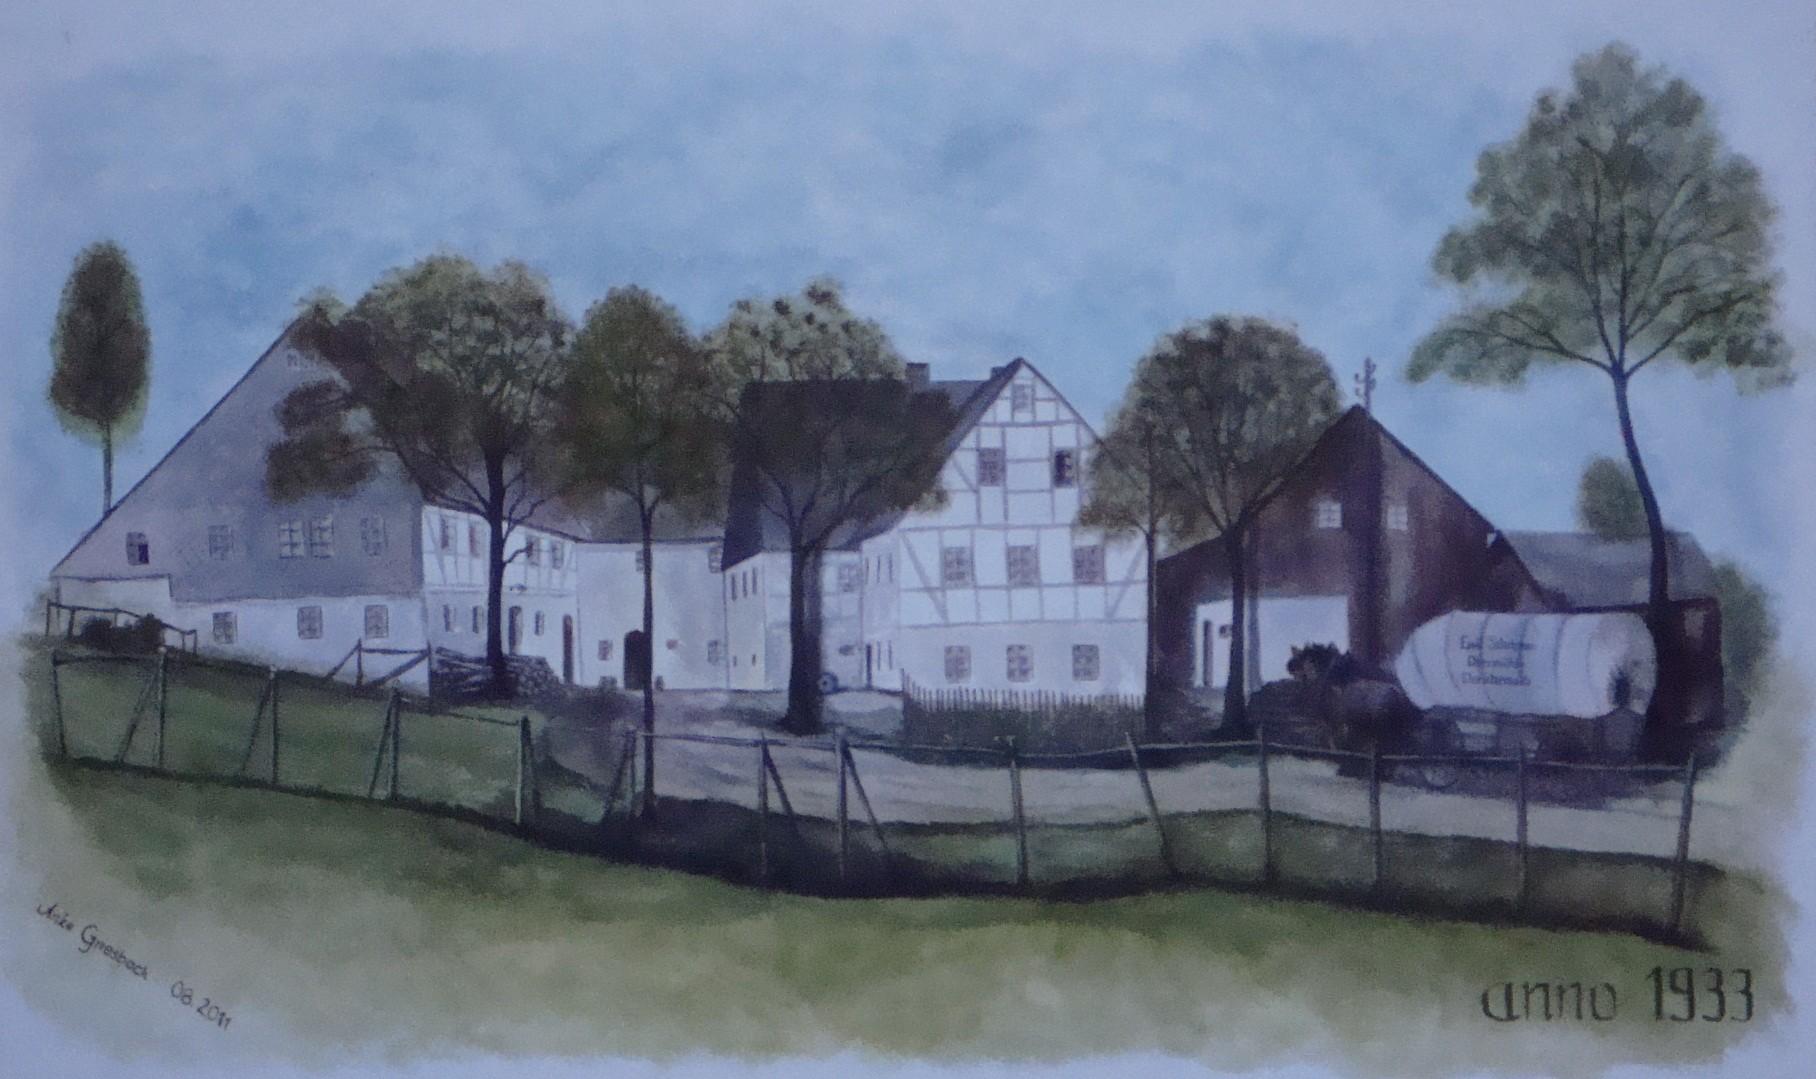 Wandmalerei: Mühle in Dorfchemnitz anno 1933, 2011, ca. 200*300 cm